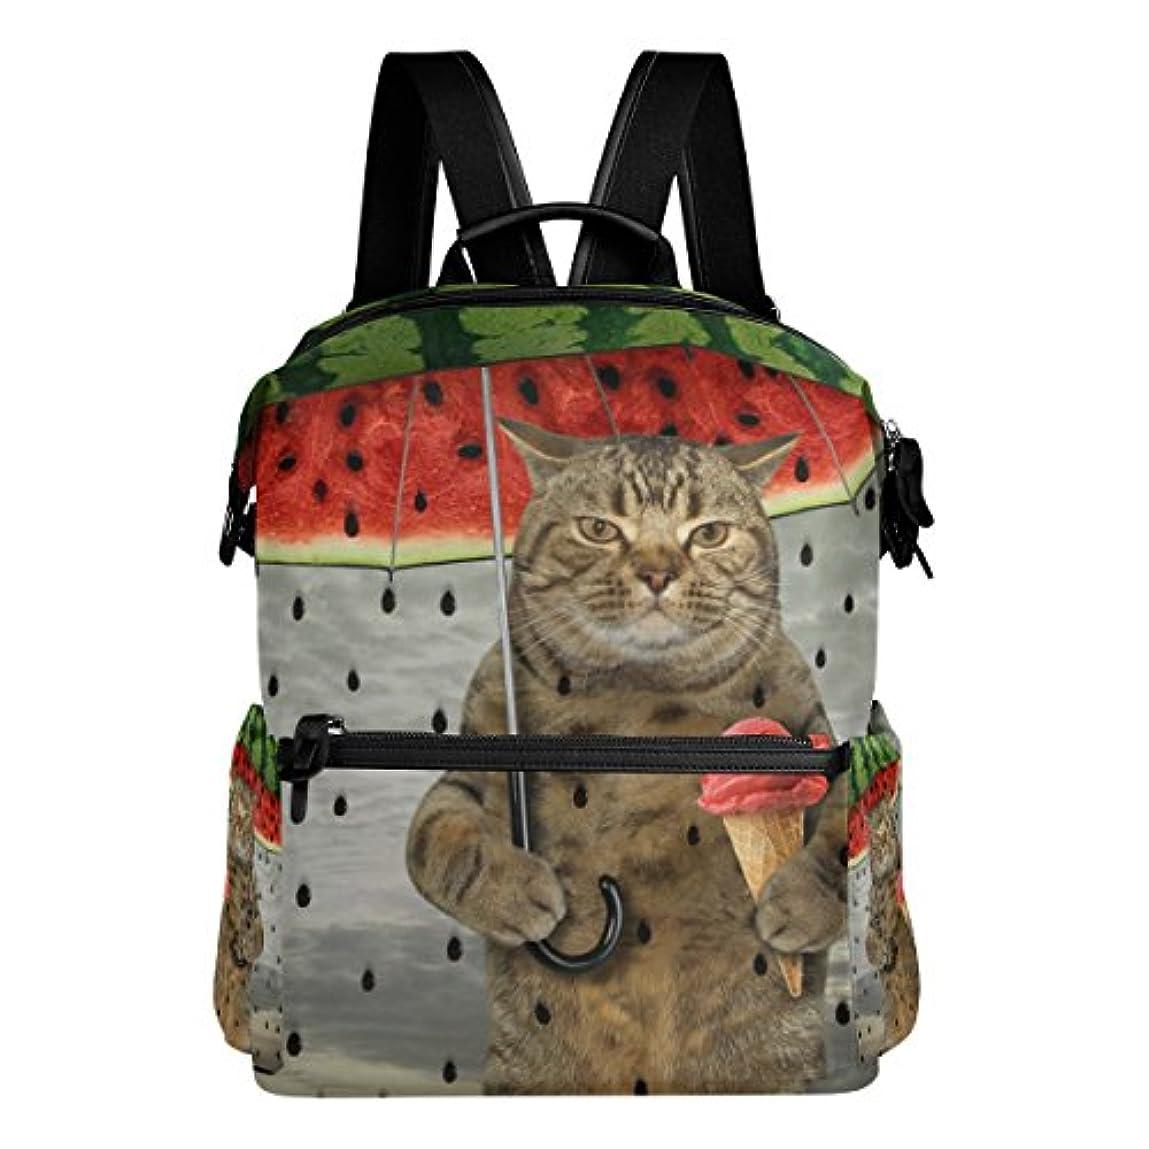 タイプライター機構驚いたAOMOKI リュック リュックサック 男女兼用 メンズ レディース 猫柄 スイカ 雨 おっさん猫 かわいい猫